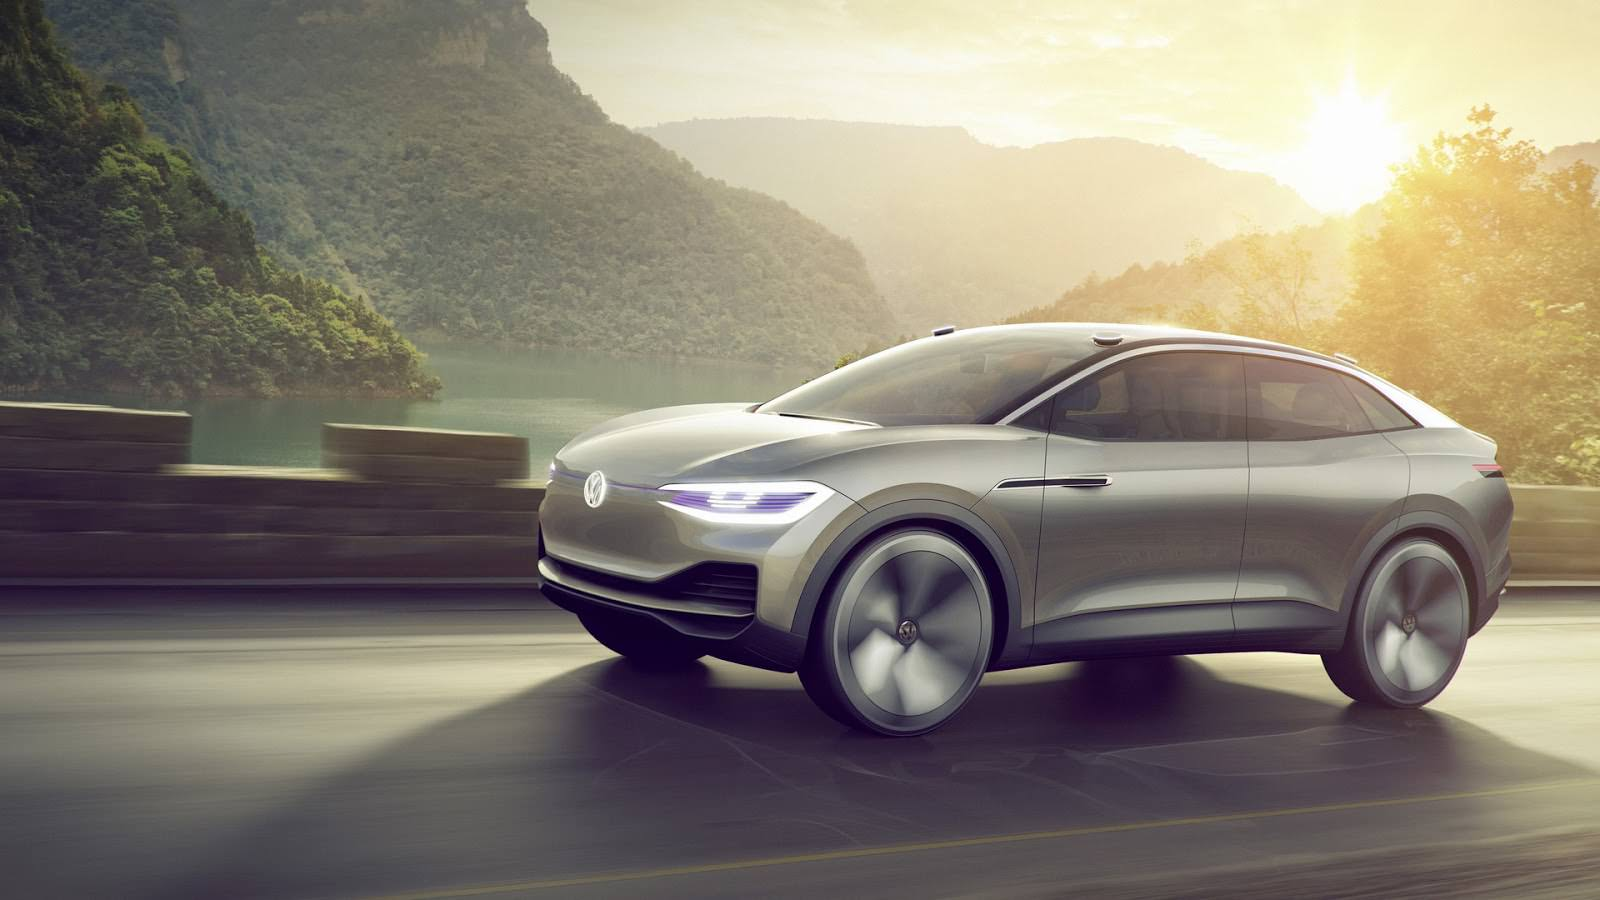 Прототип с автопилотом Volkswagen I.D. Crozz 2017 года